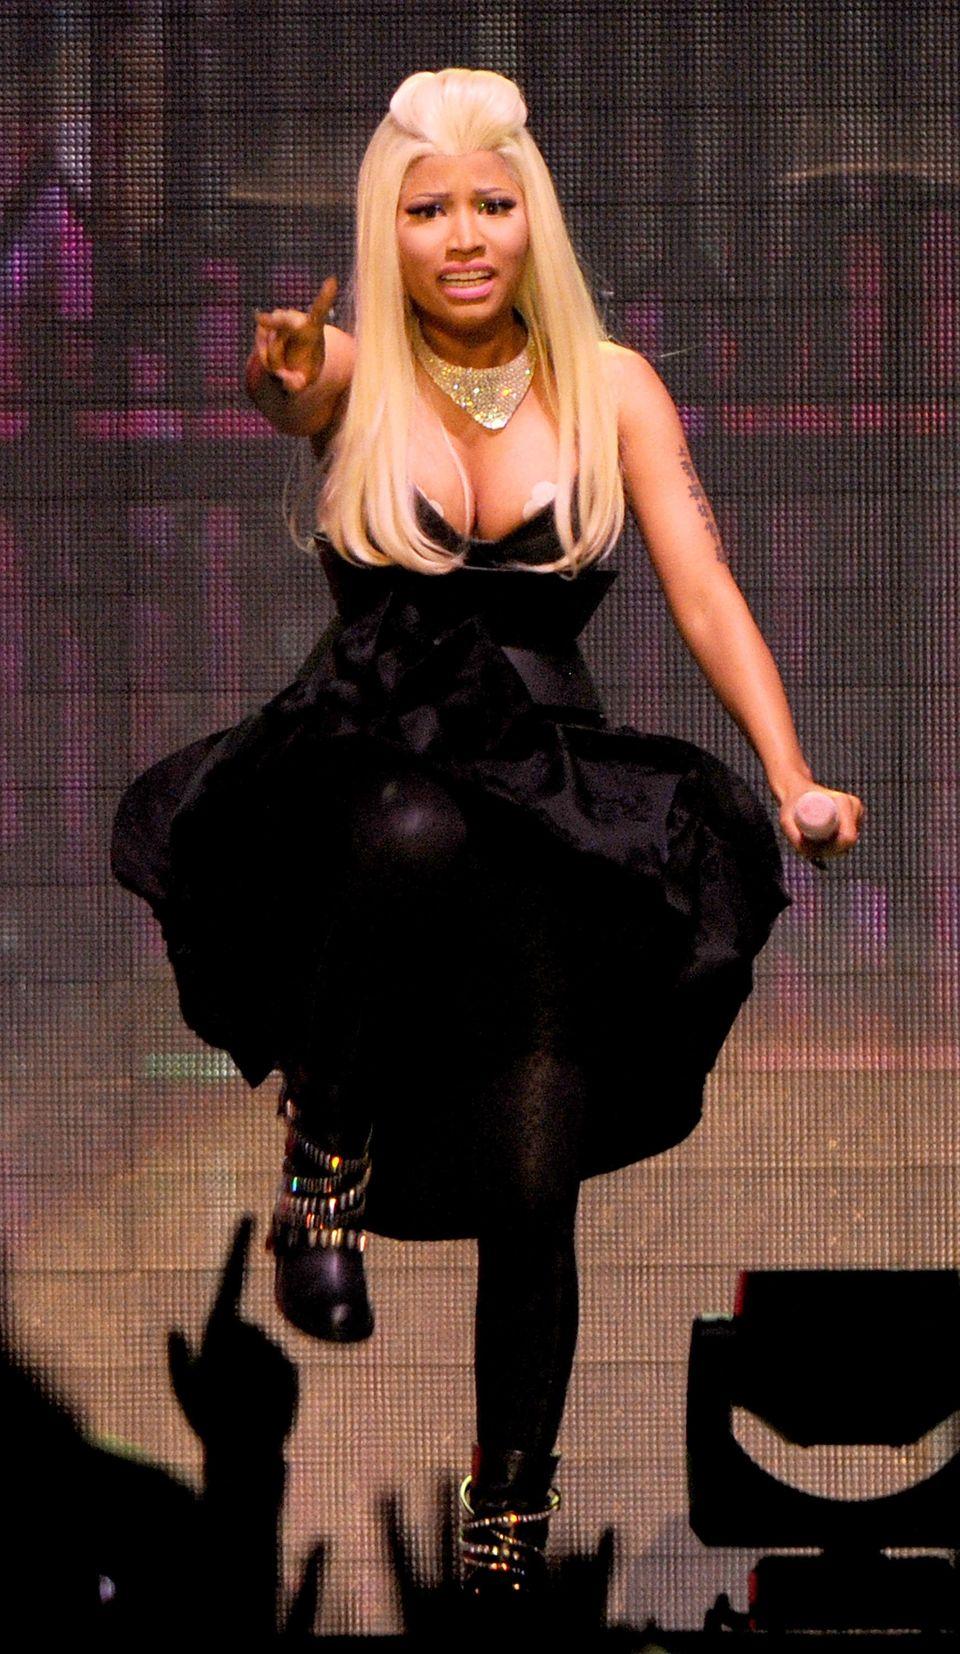 Celebrity fashion malfunction